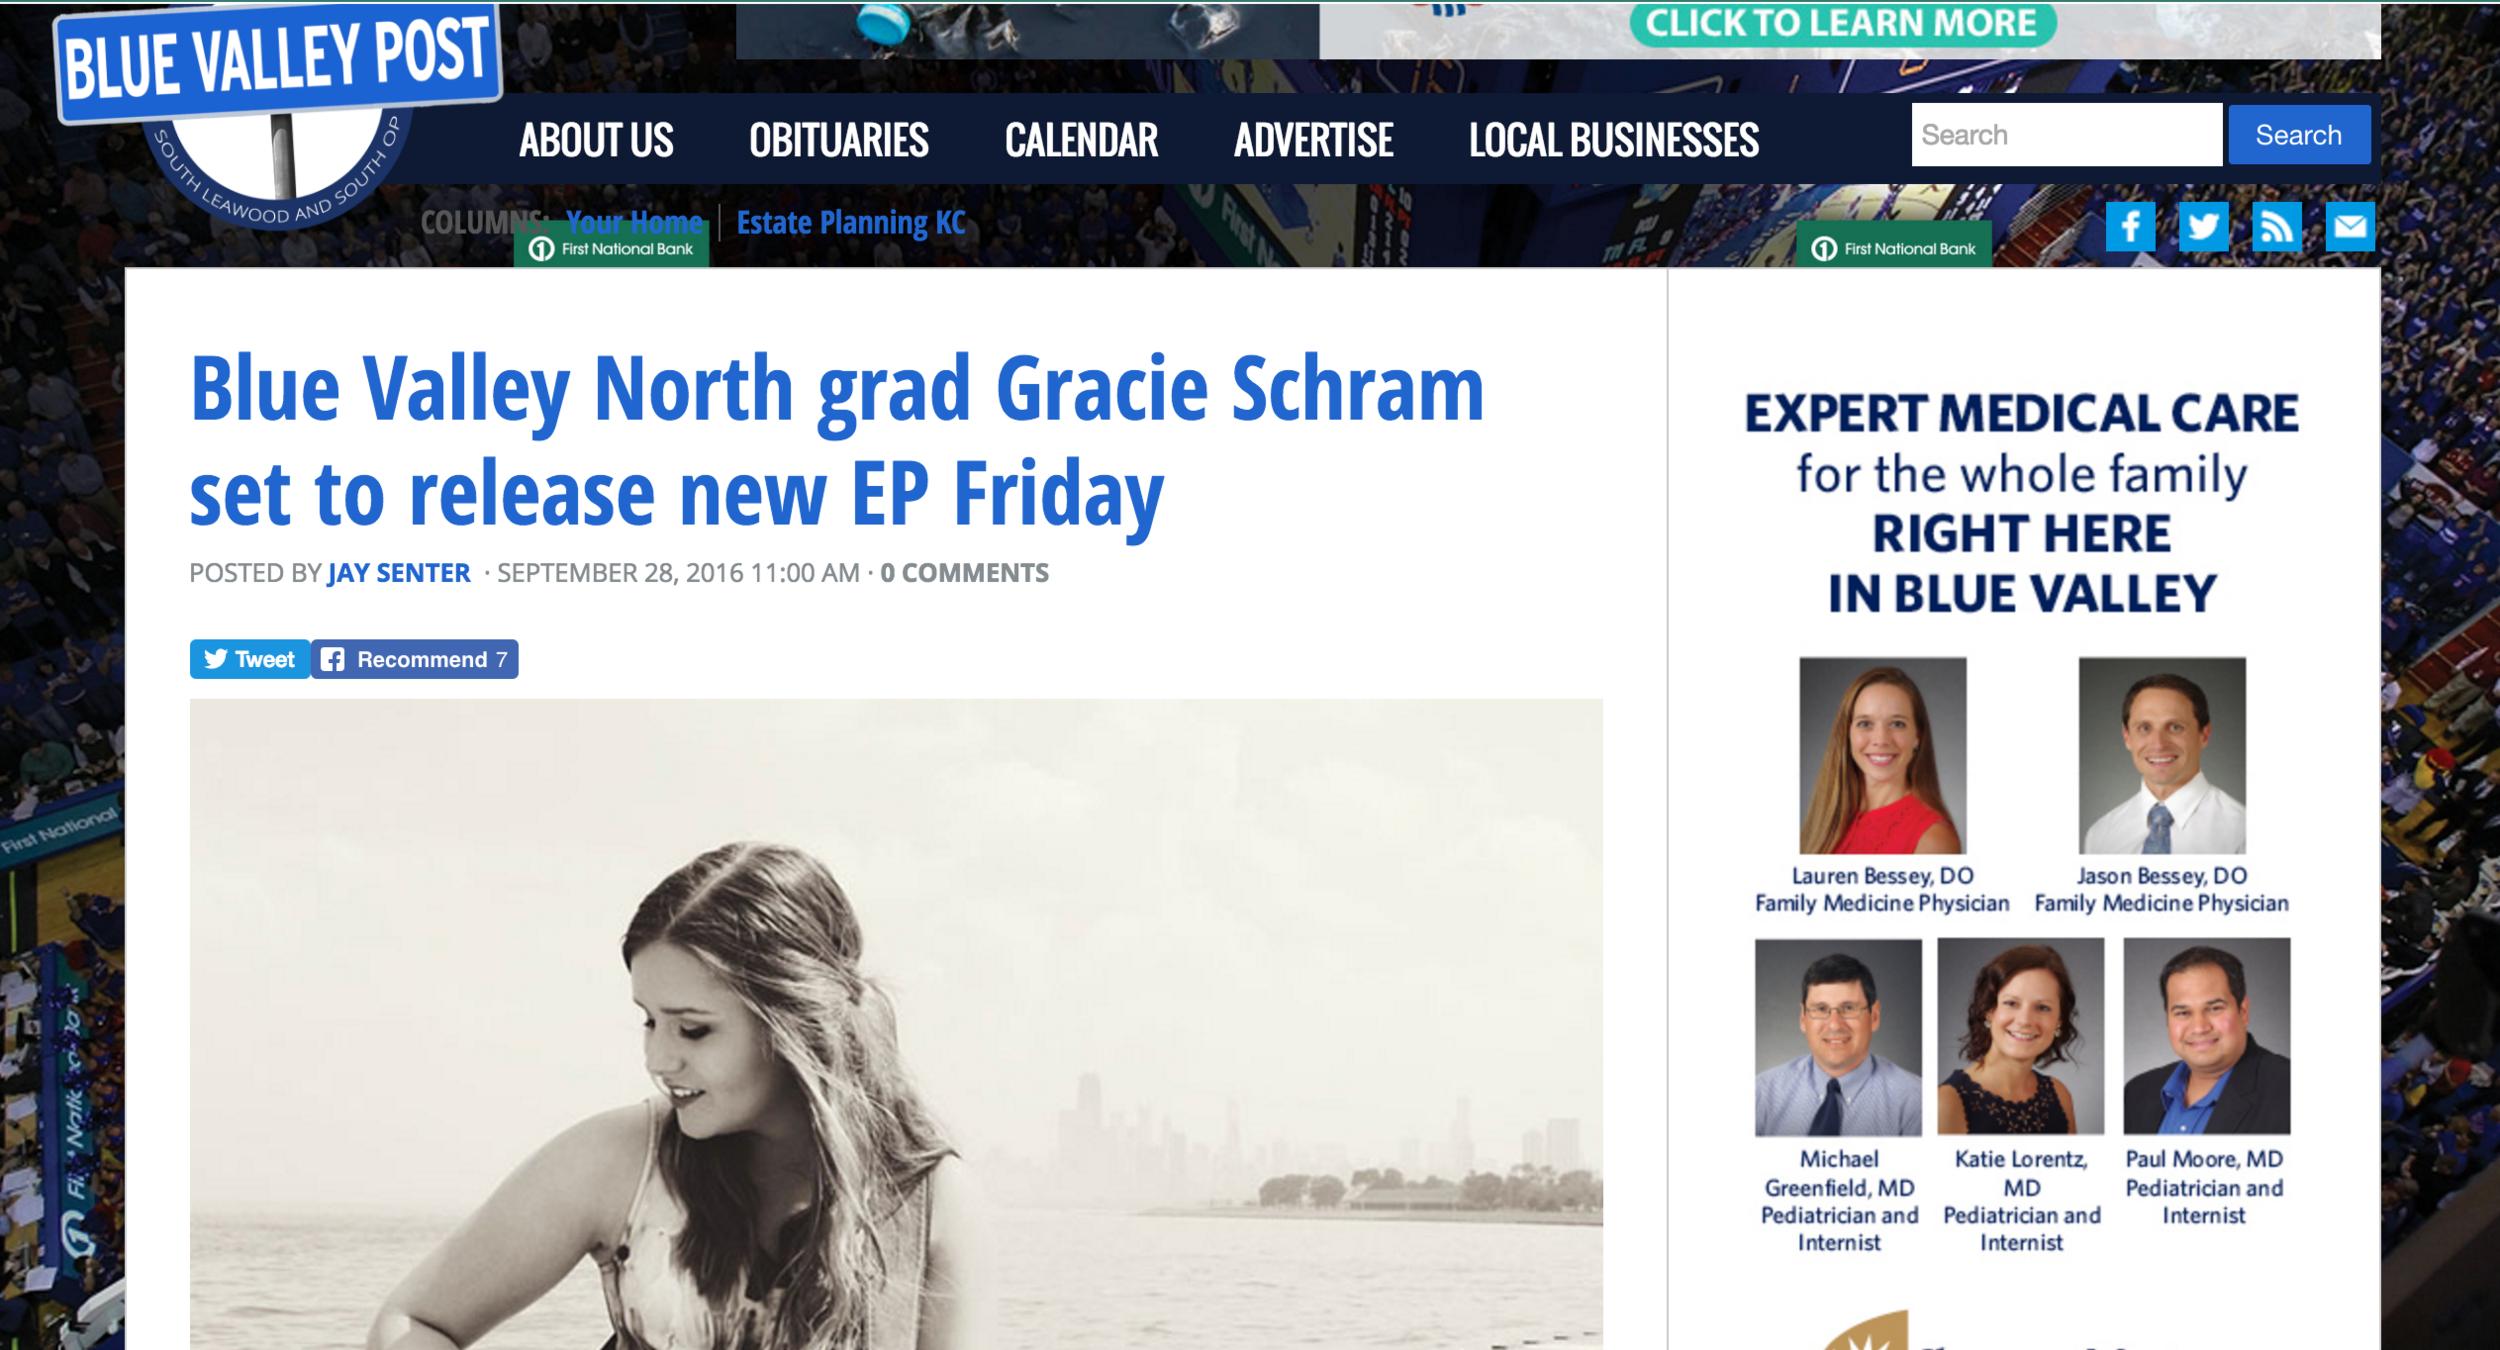 Gracie Schram - Blue Valley Post